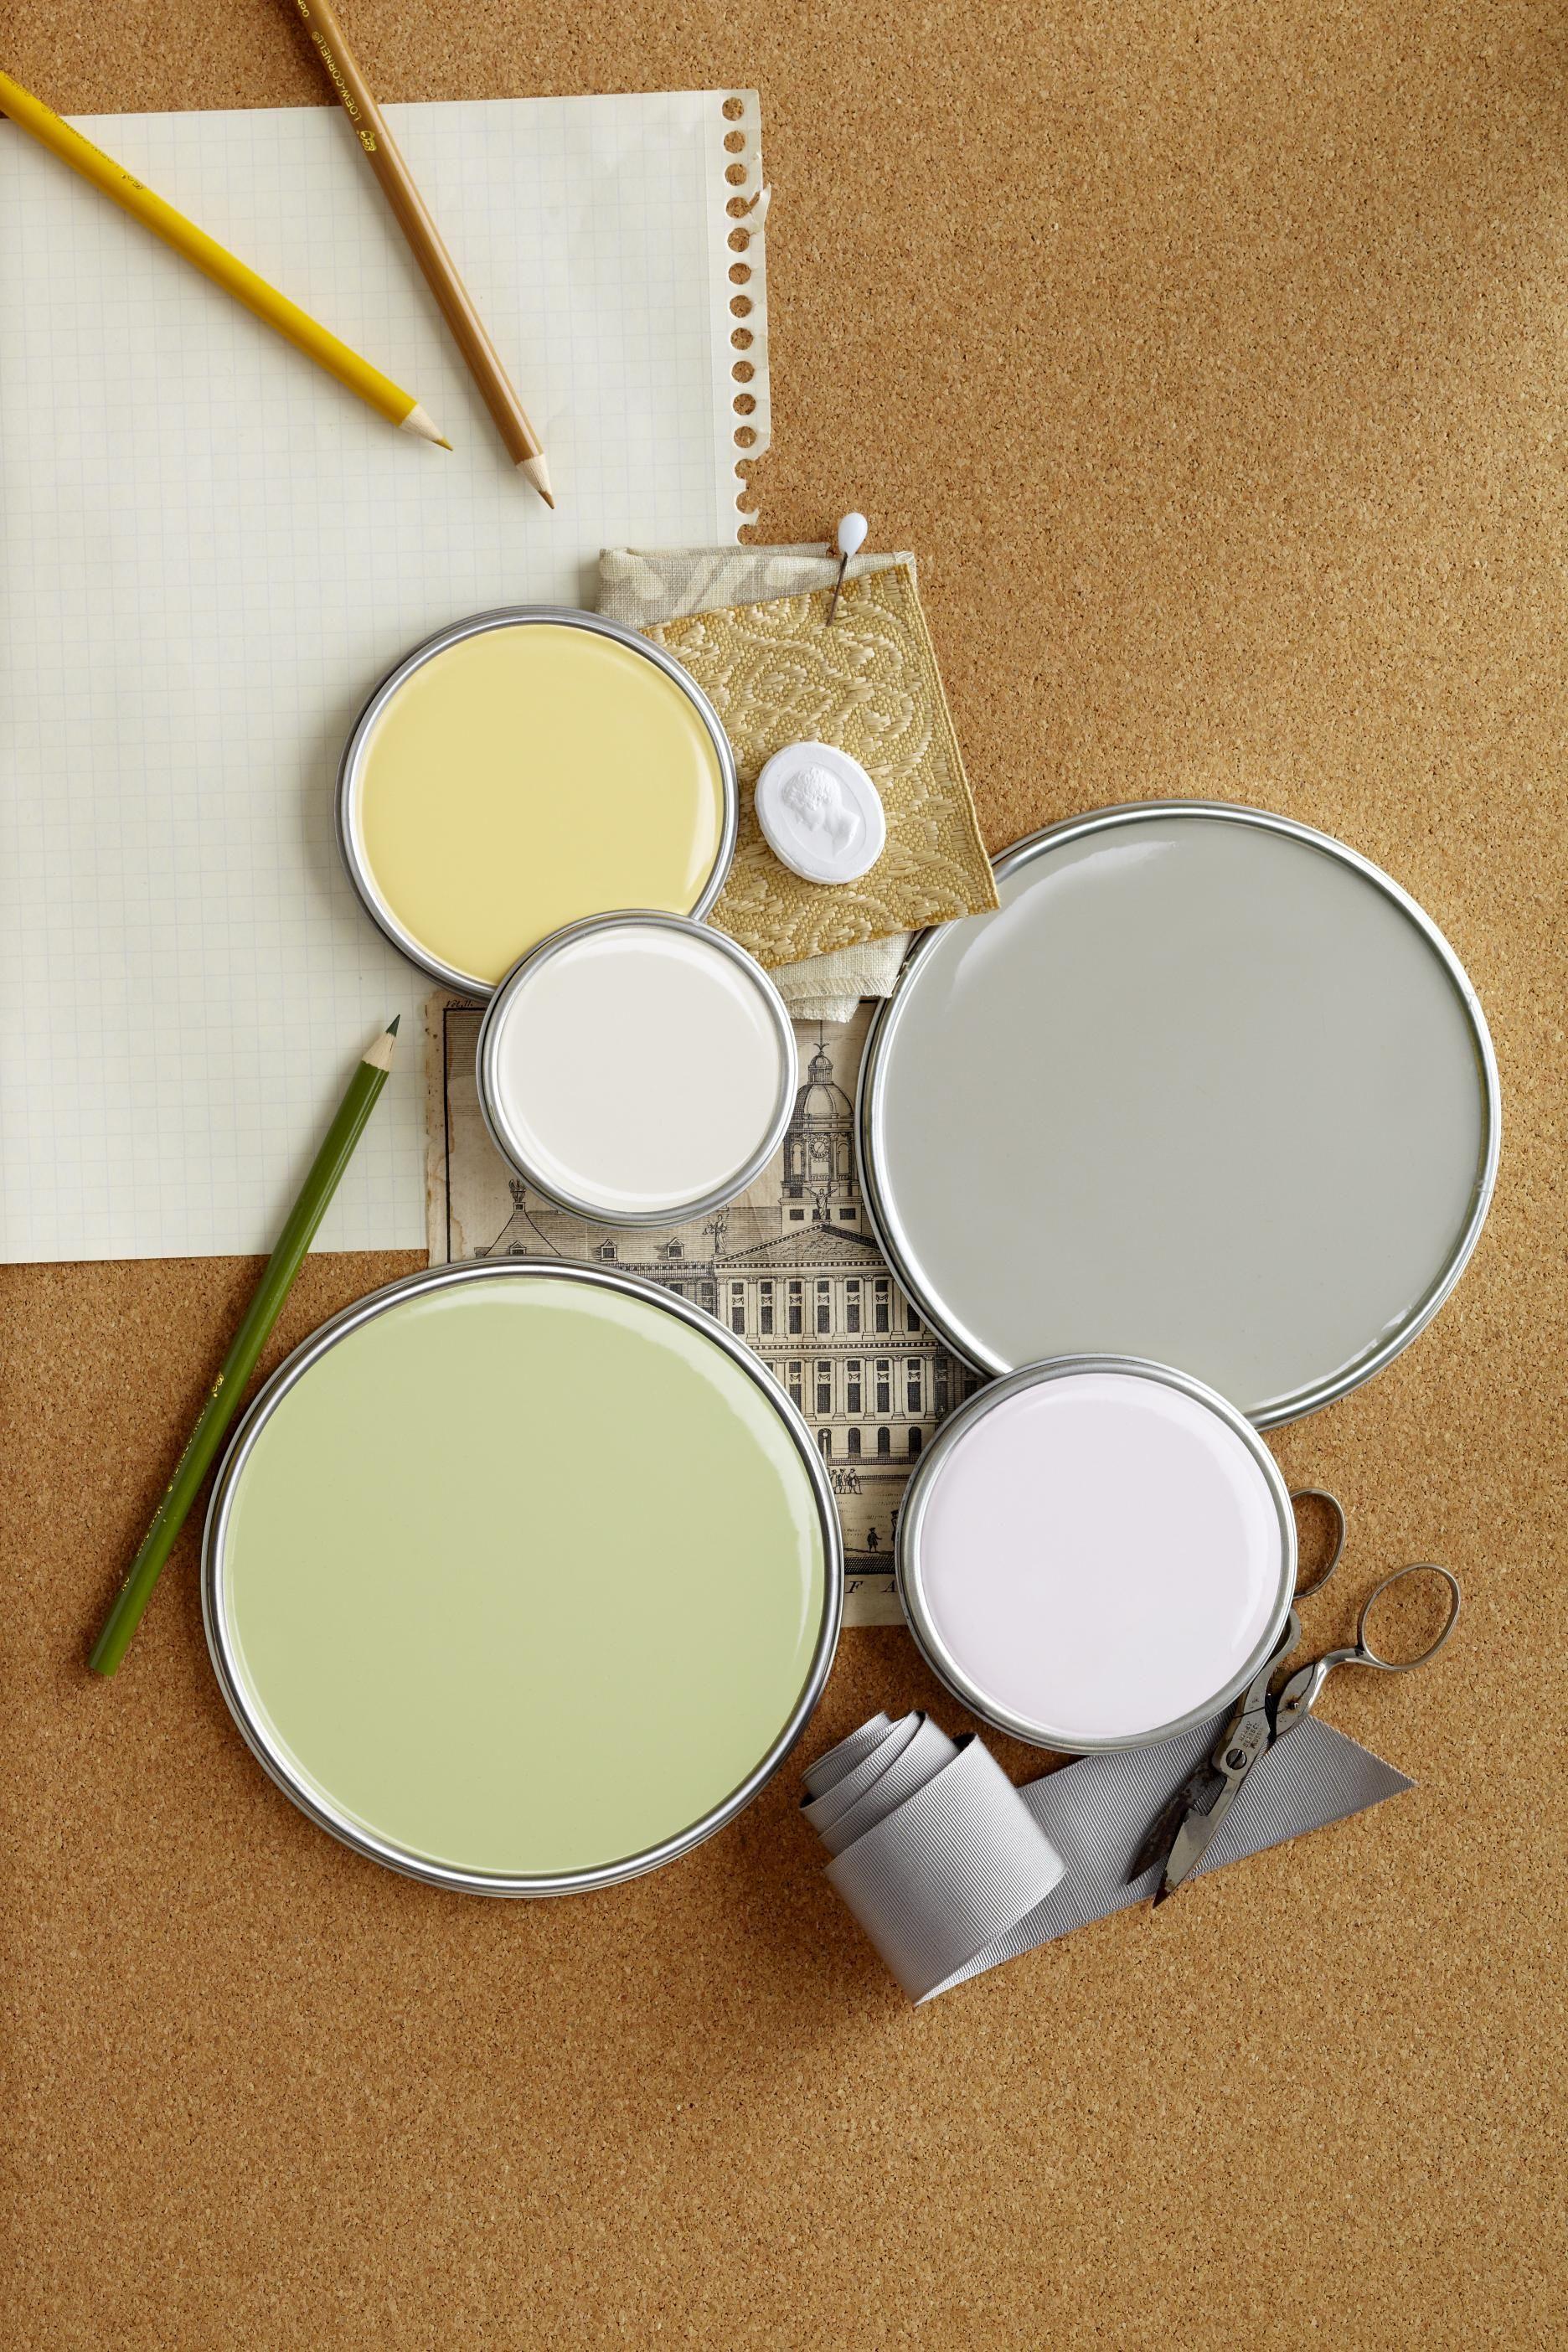 Grant k gibson interior design better homes gardens - Better homes and gardens interior designer ...